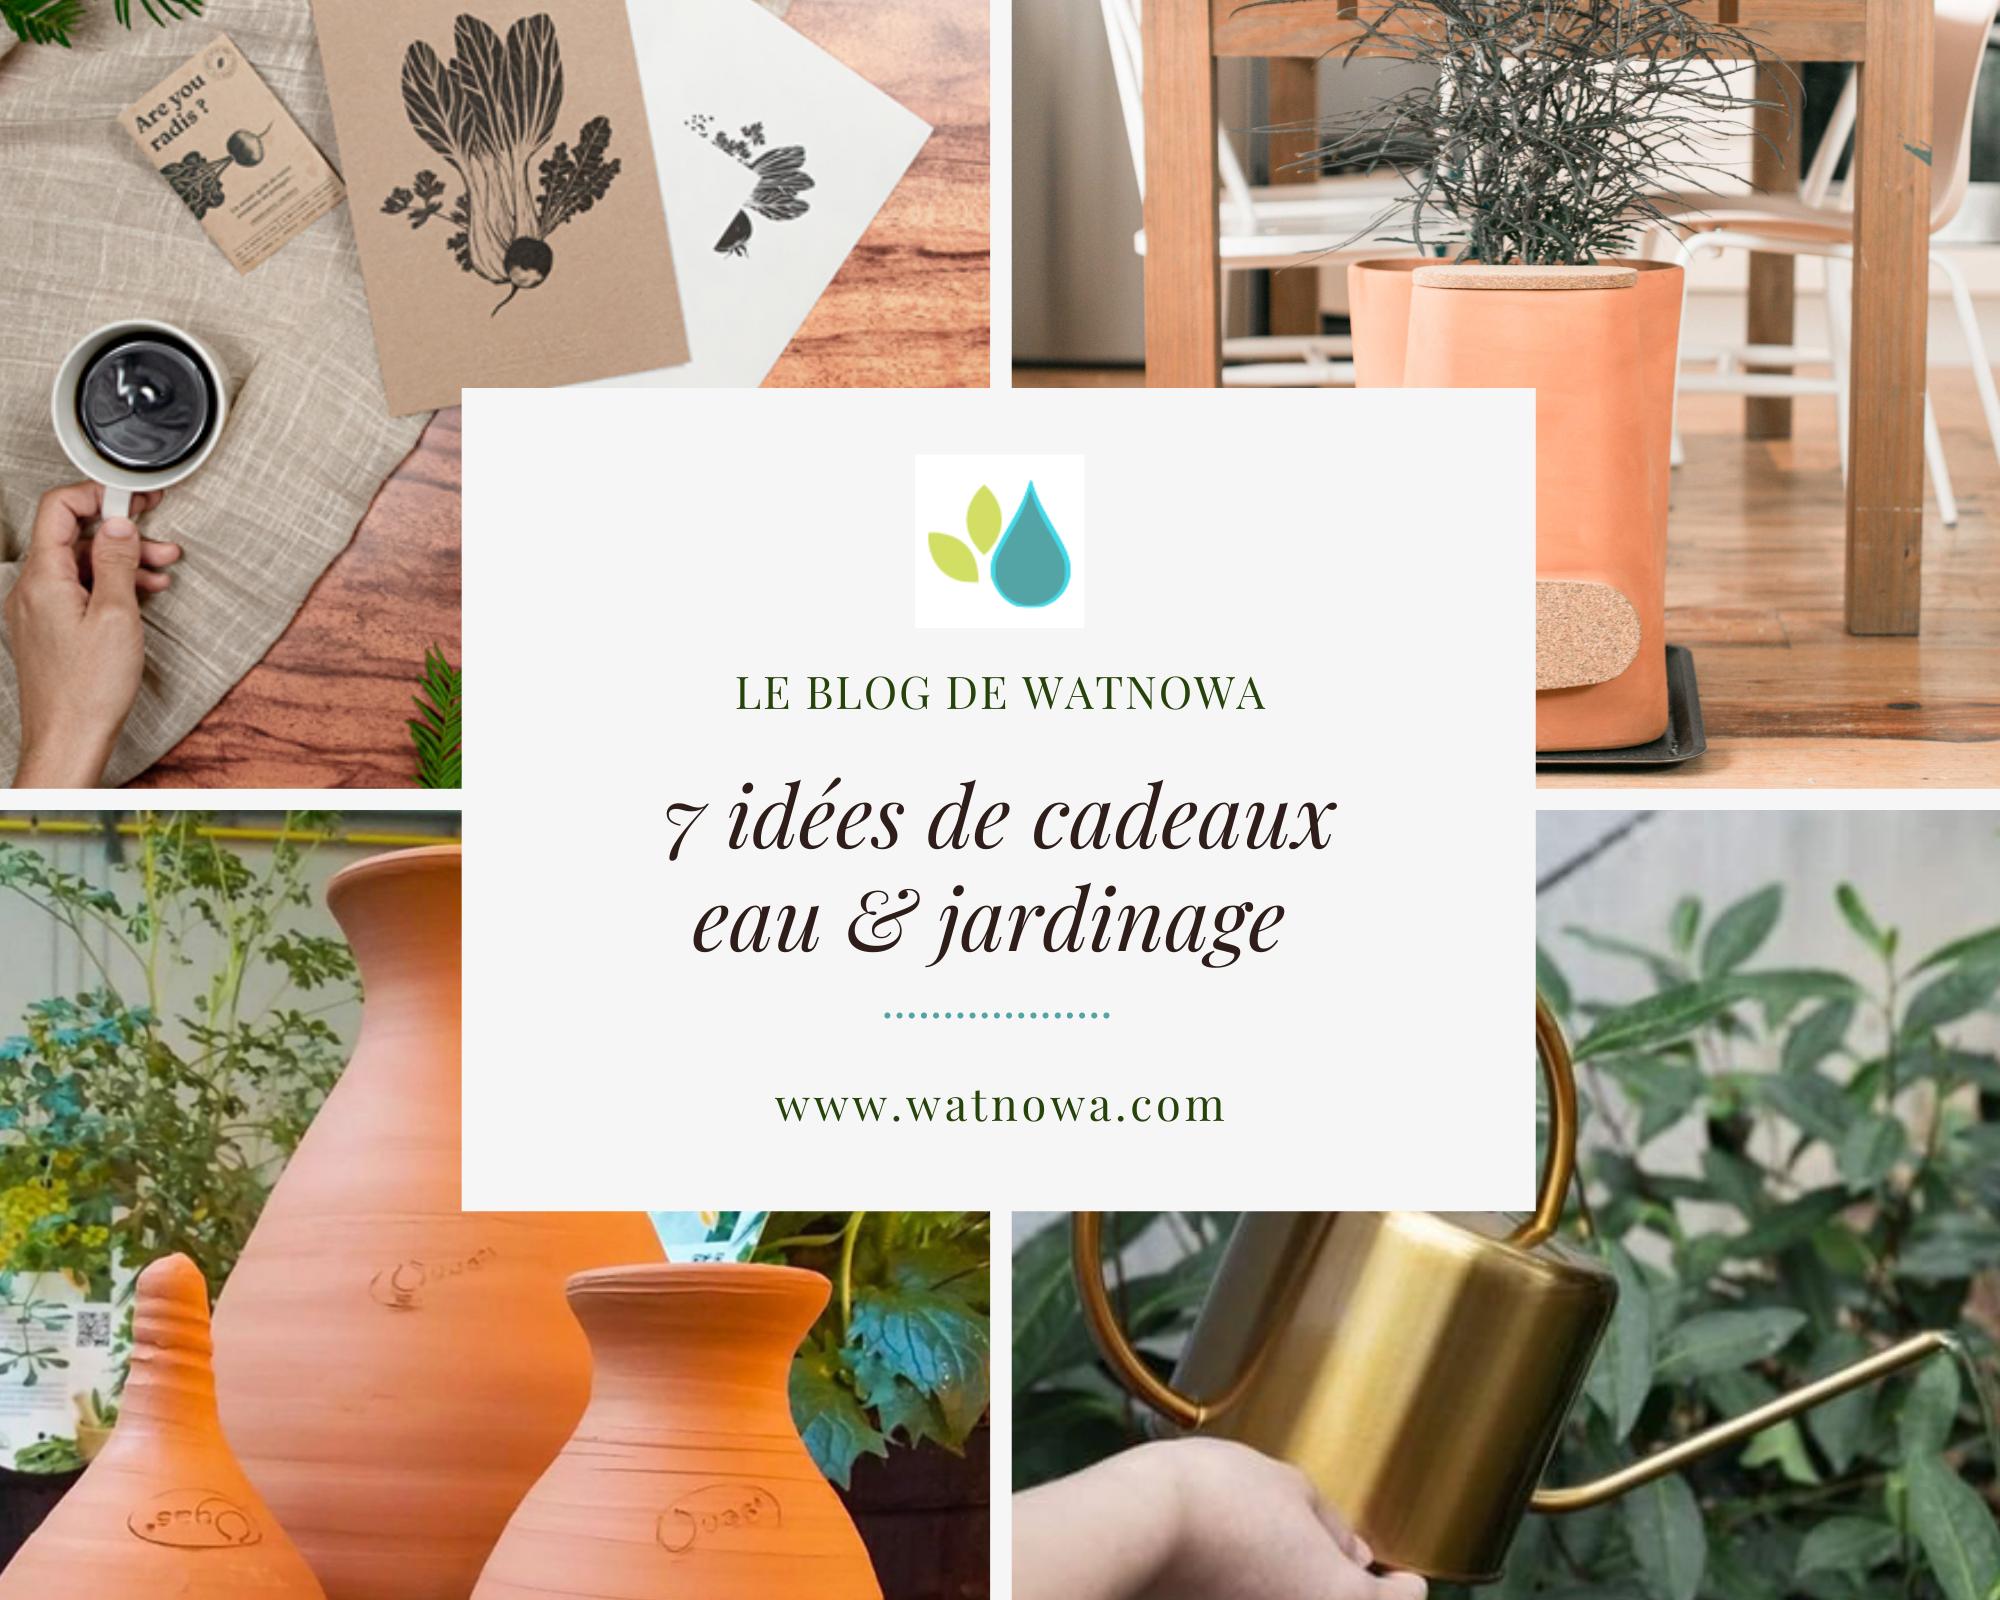 Le blog de Watnowa - idées cadeau eau et jardinage